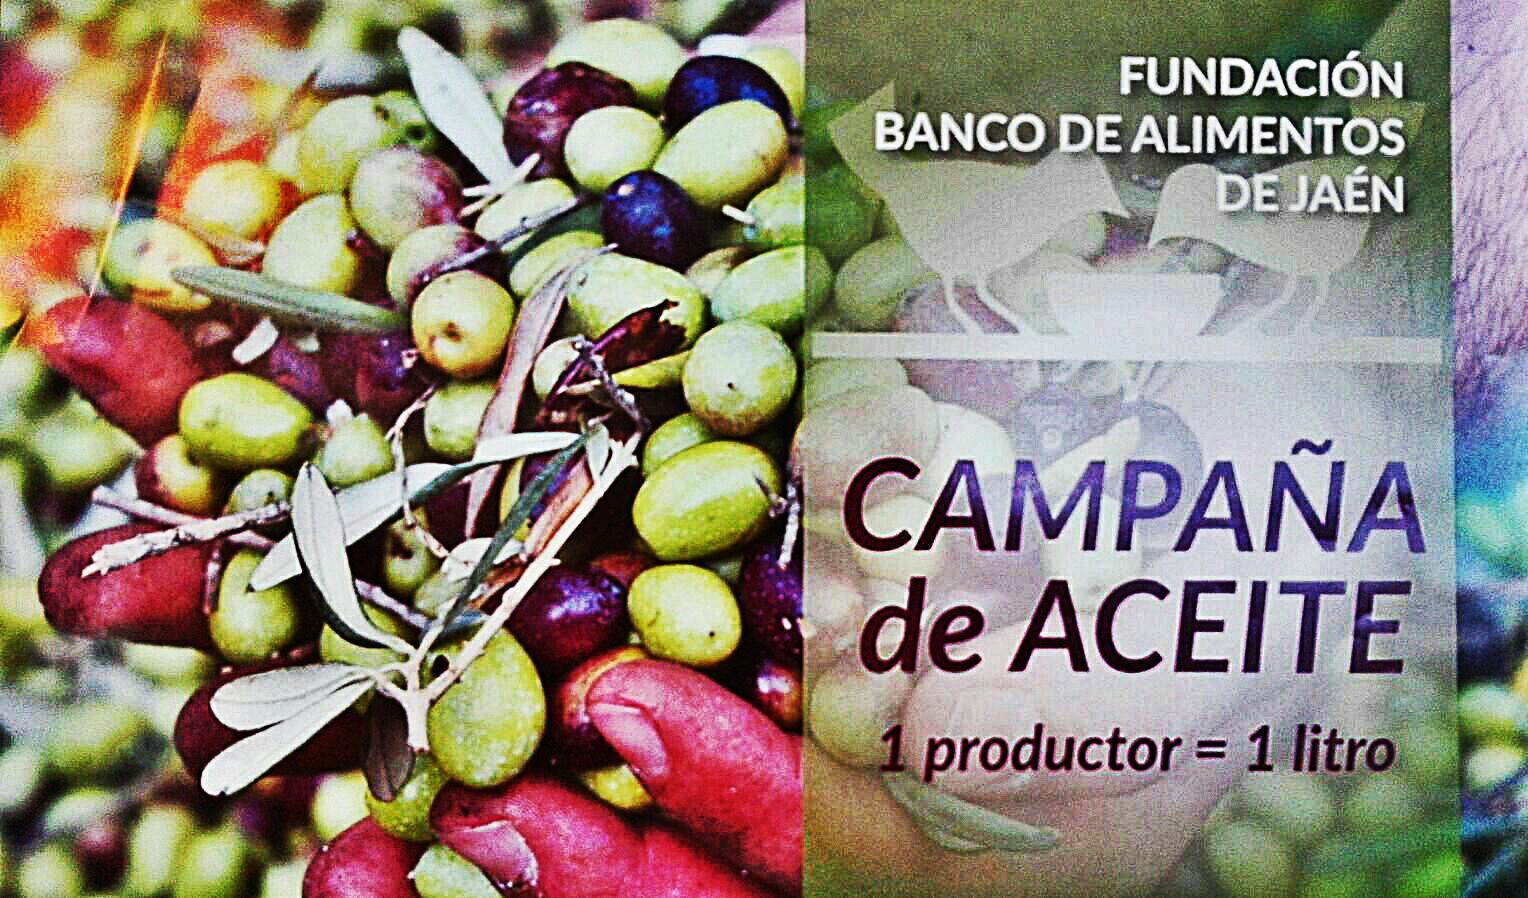 Colaboramos con el Banco de Alimentos de Jaén. Ven a nuestra tienda, tu también puedes colaborar.